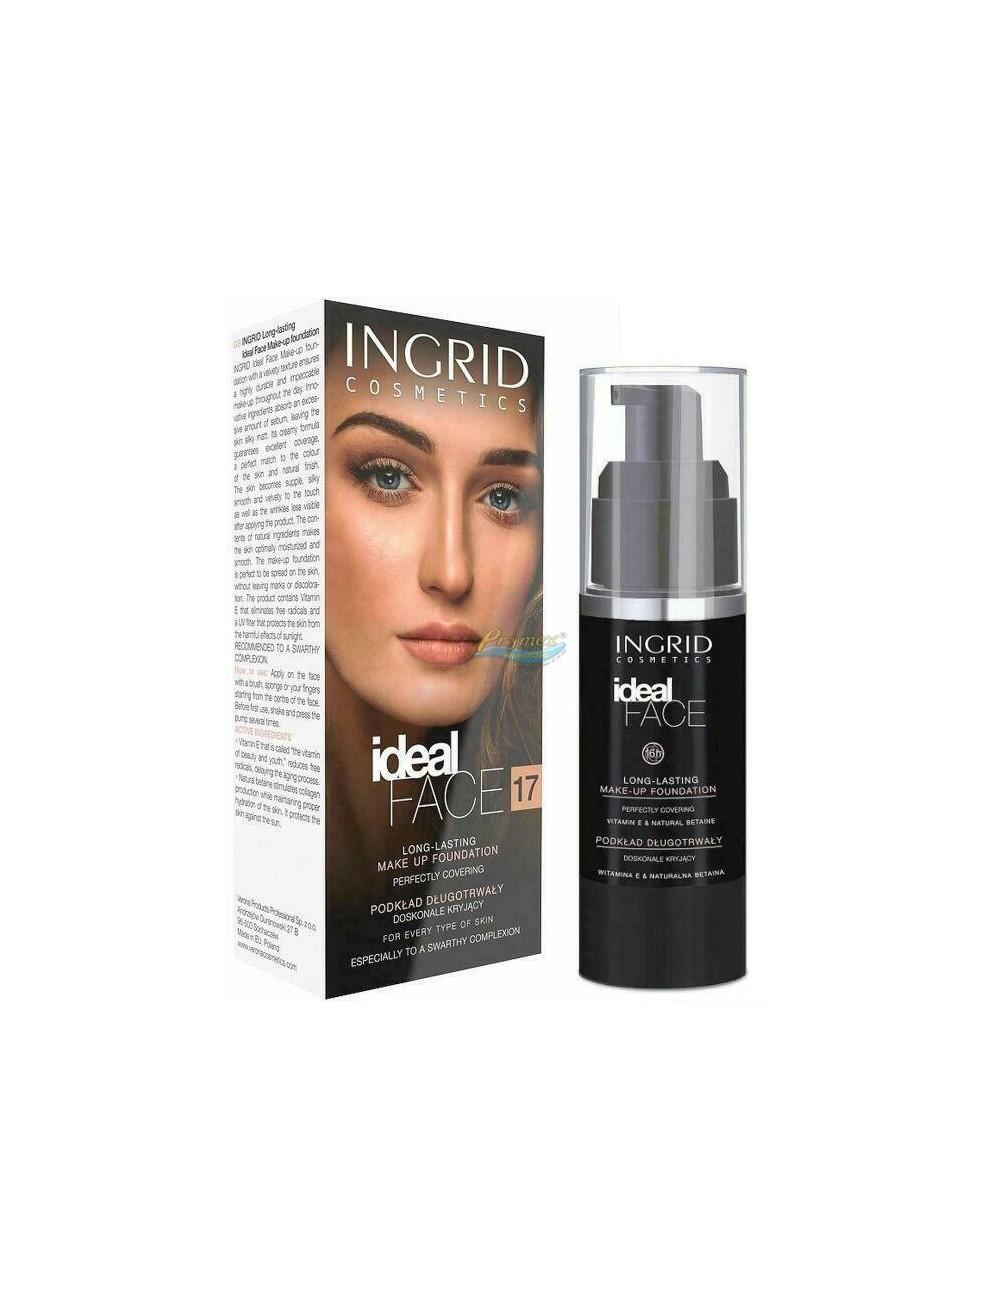 Ingrid Ideal Face 17 Podkład Długotrwały Doskonale Kryjący (ciepły beż) 30 ml